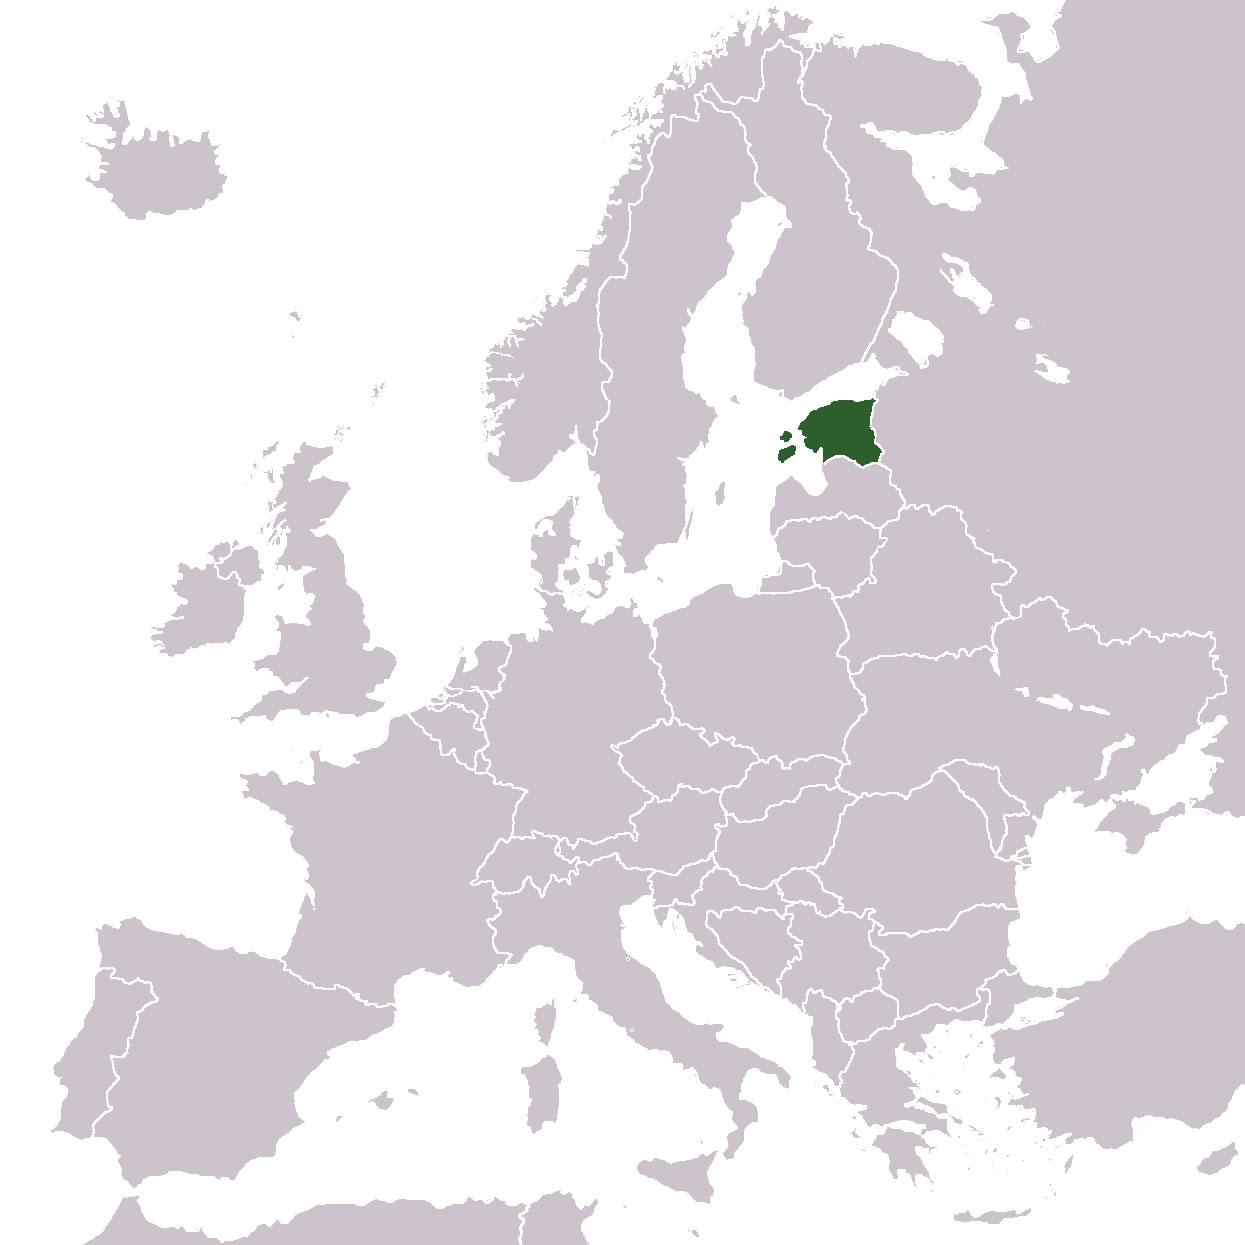 carte europe estonie